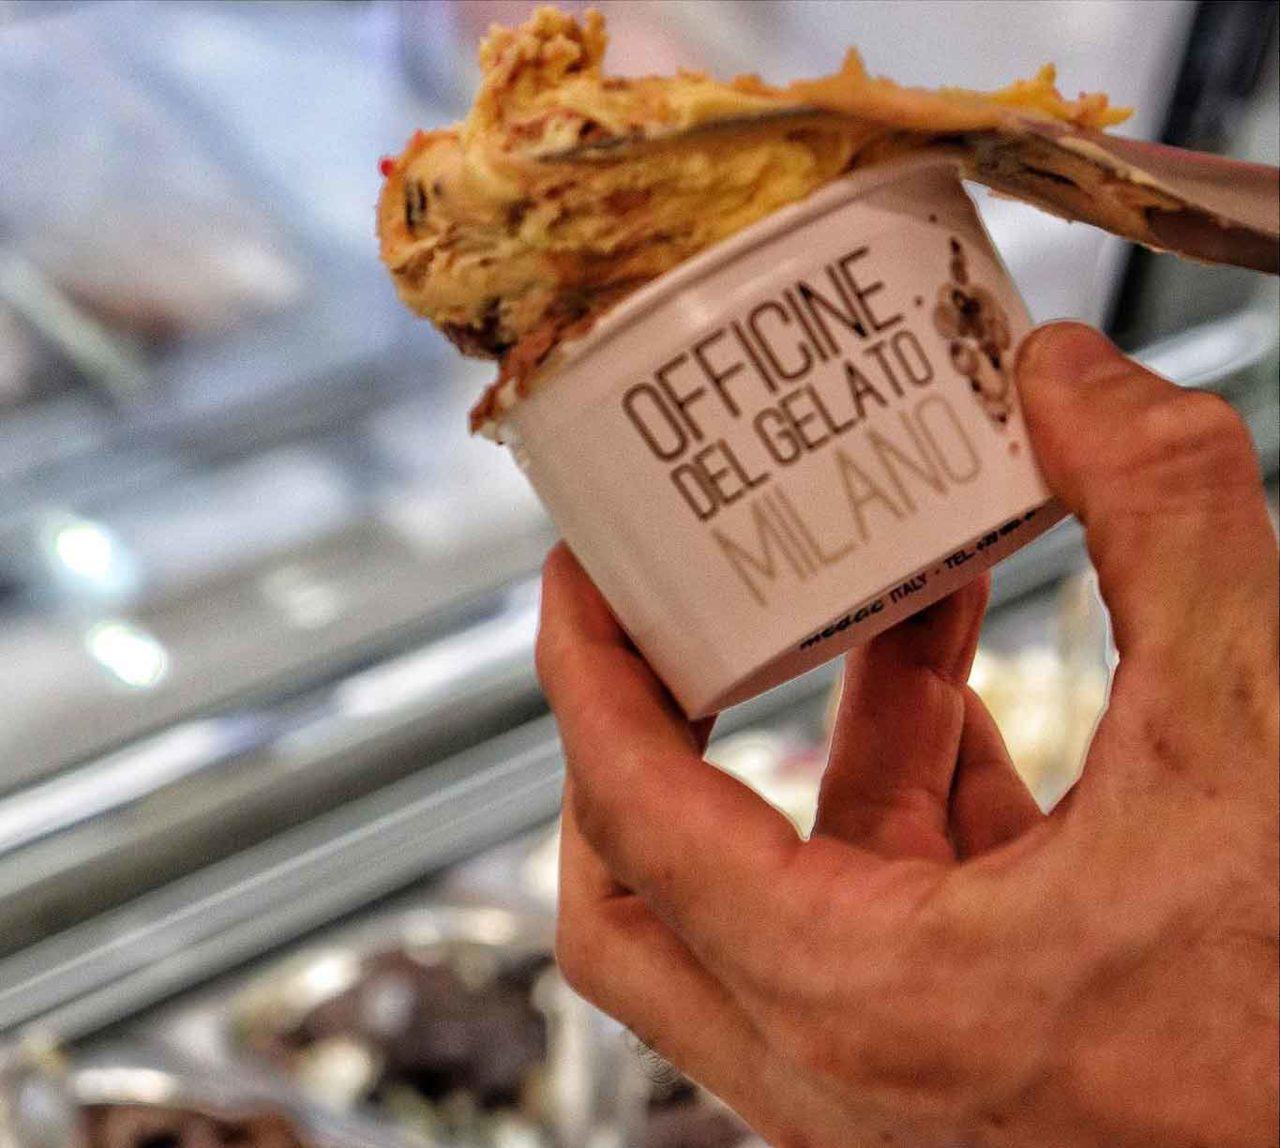 nuove aperture a Milano: officine del gelato montenero milano